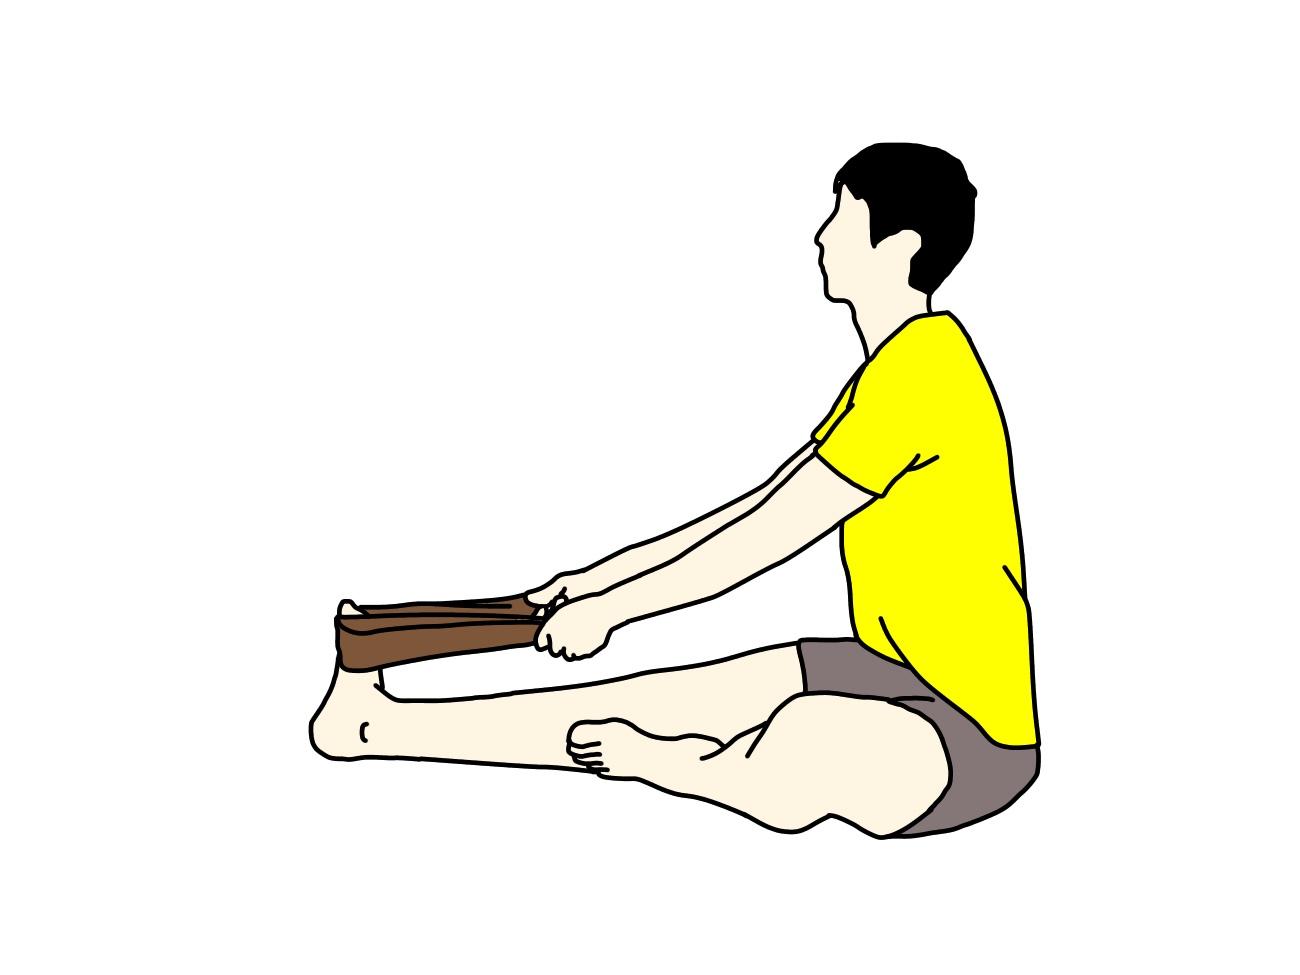 タオルを使ったふくらはぎ〜アキレス腱(下腿三頭筋)のストレッチのイラスト